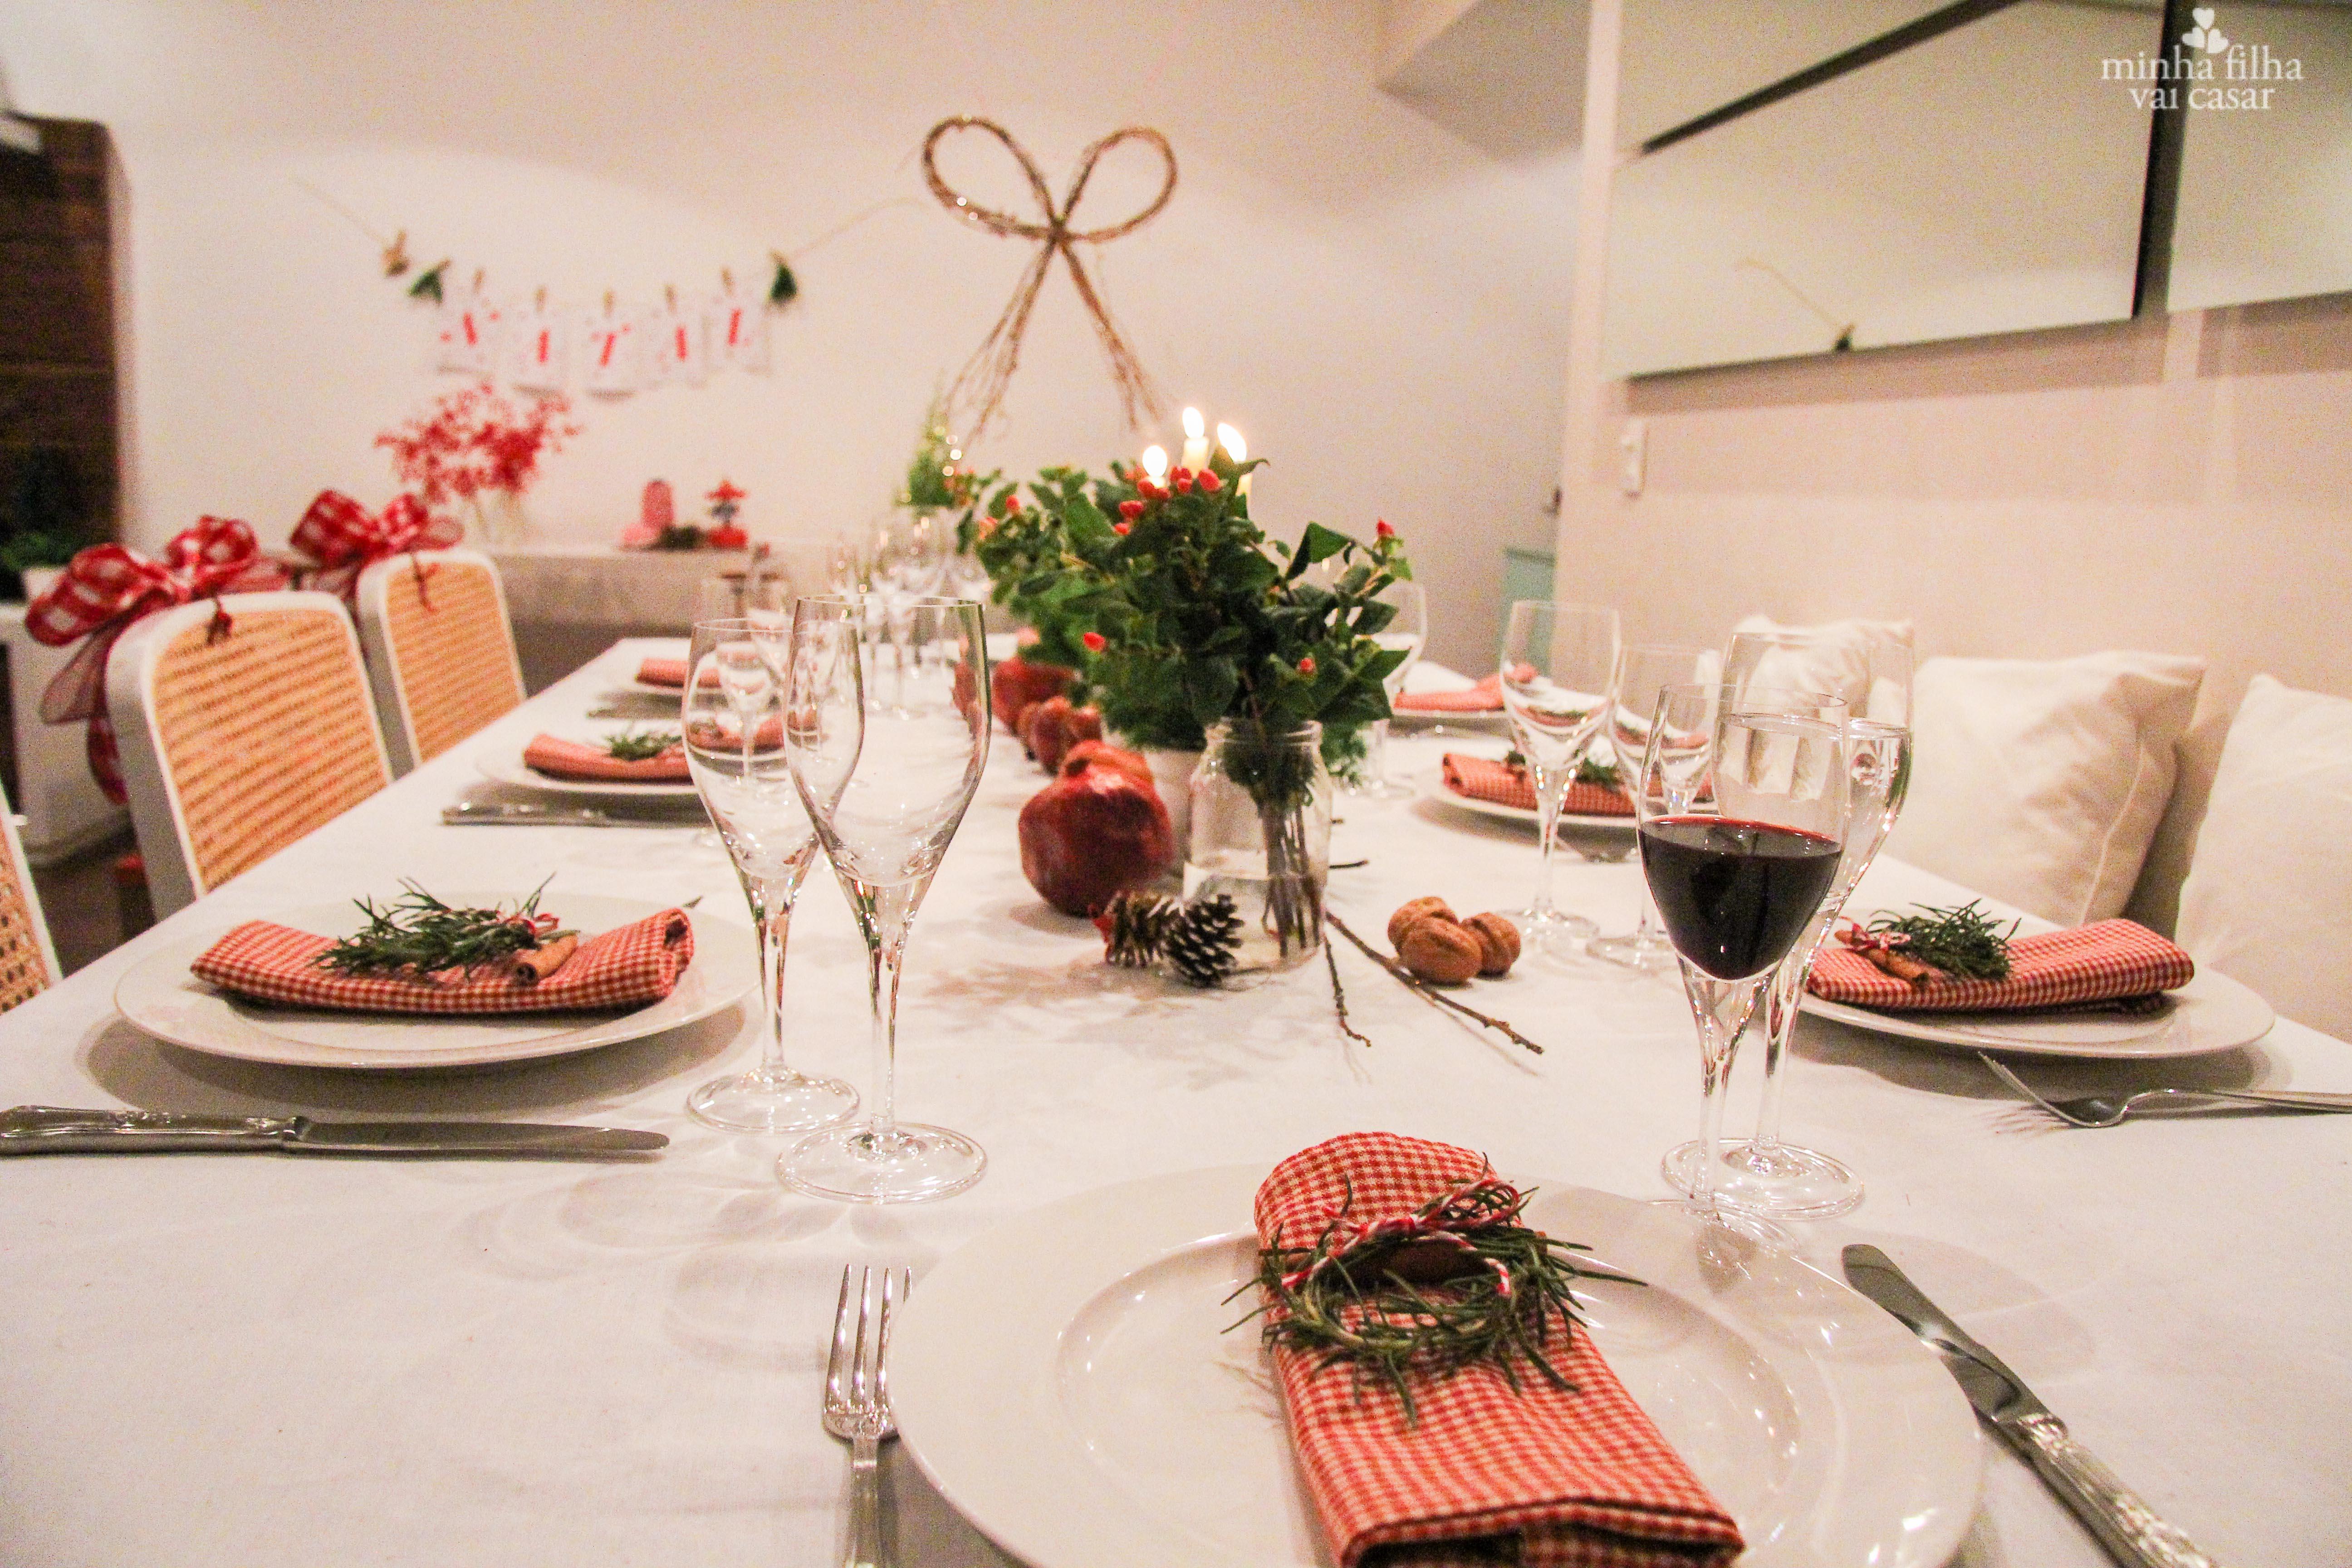 Decoraç u00e3o de Natal Simples 2016 Ideias Incríveis e Fotos # Decoração Ceia De Natal Simples